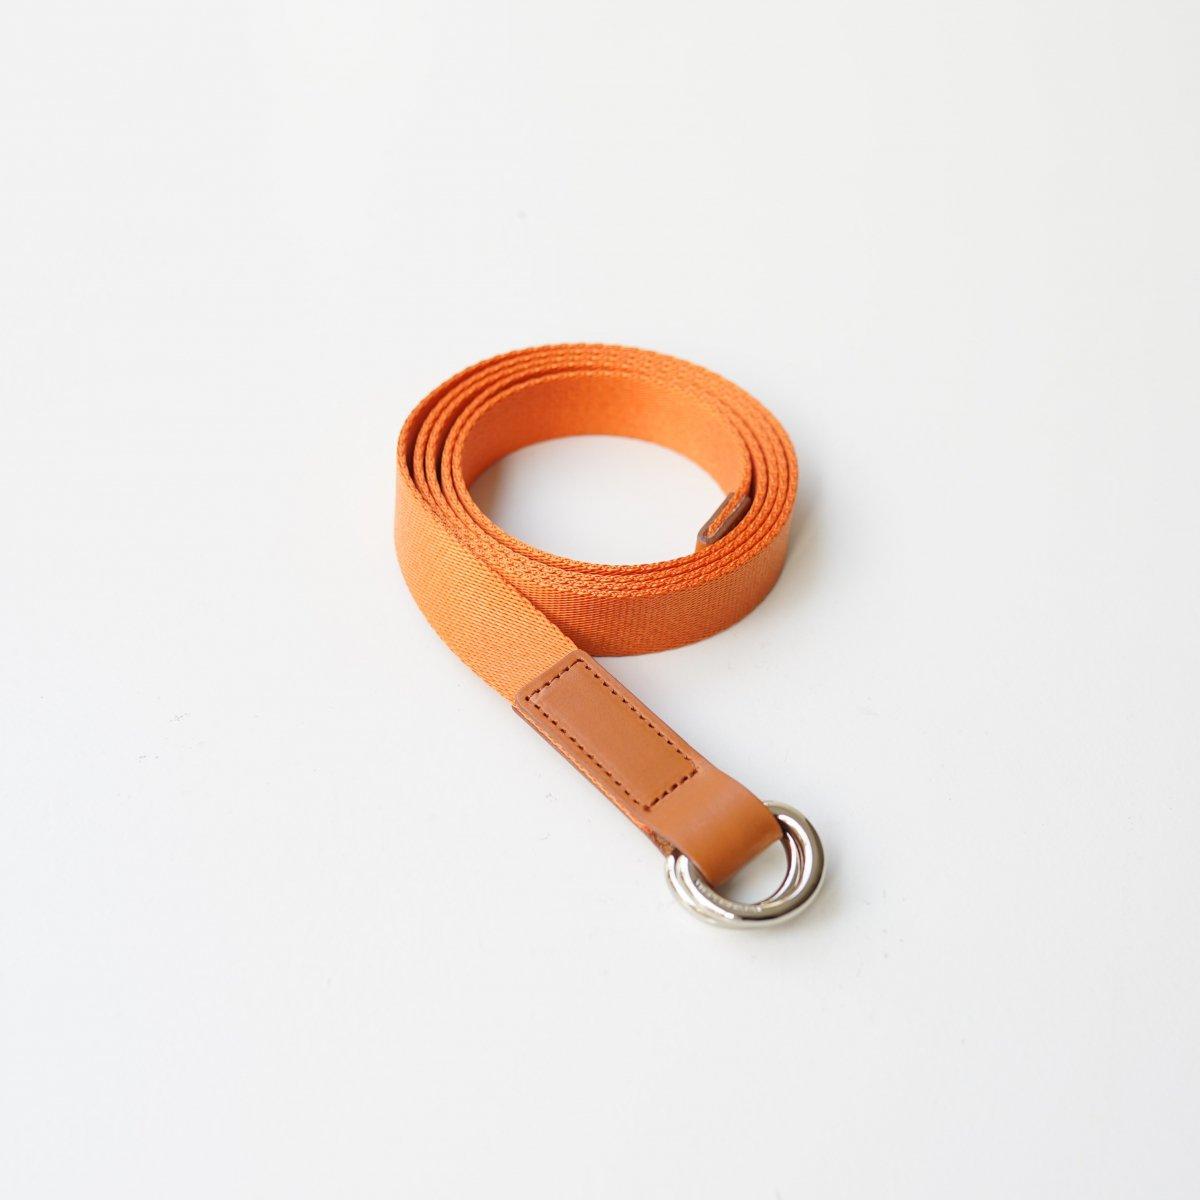 【Scye】SILKY TAPE BELTDOUBLE RING BELT - ORANGE